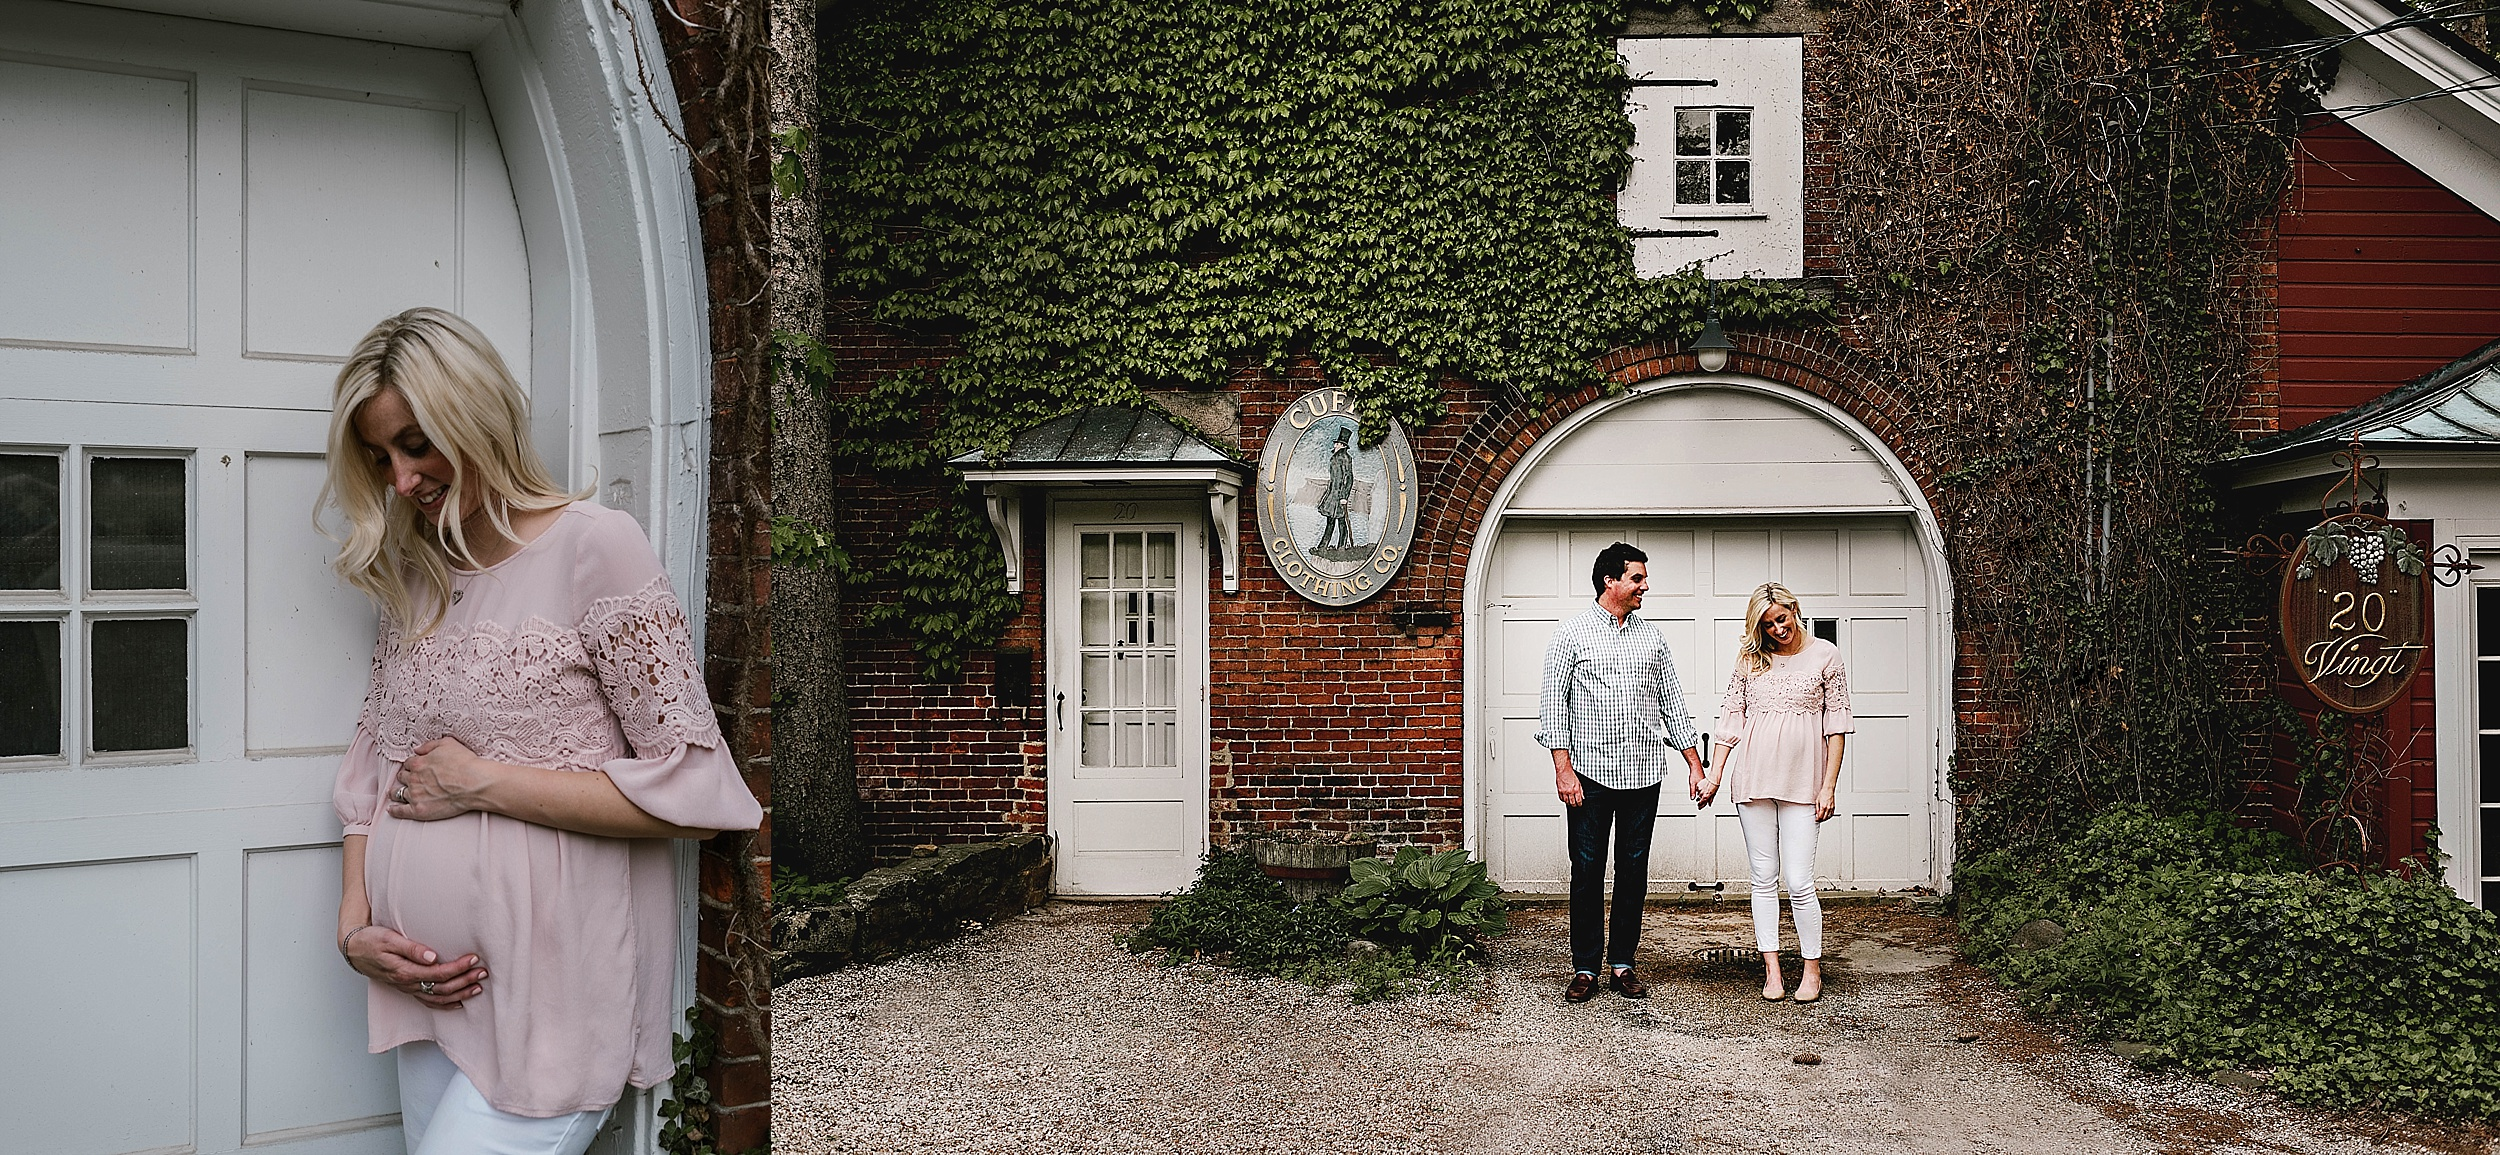 lauren-grayson-photography-portrait-artist-akron-cleveland-ohio-photographer-growth-comparison-breakout-clickin-moms_0126.jpg